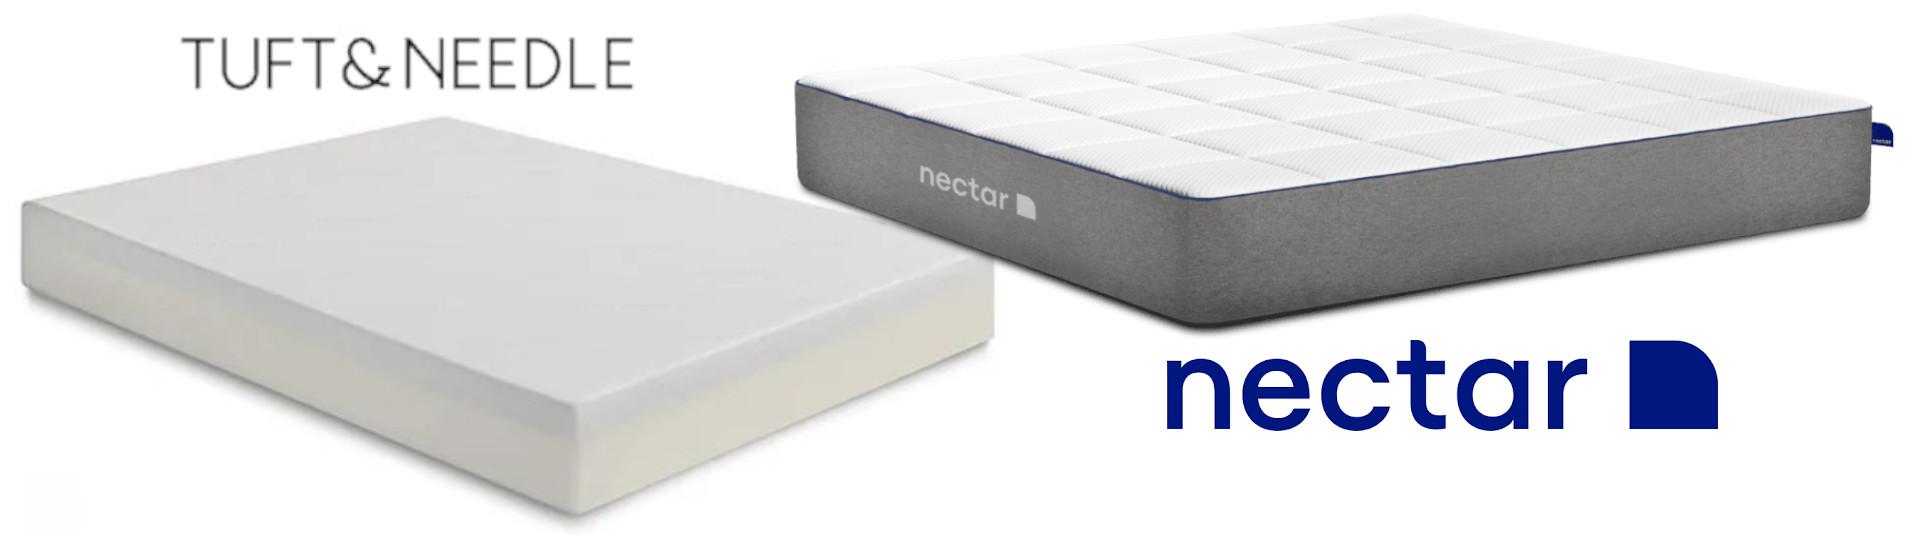 tn vs nectar